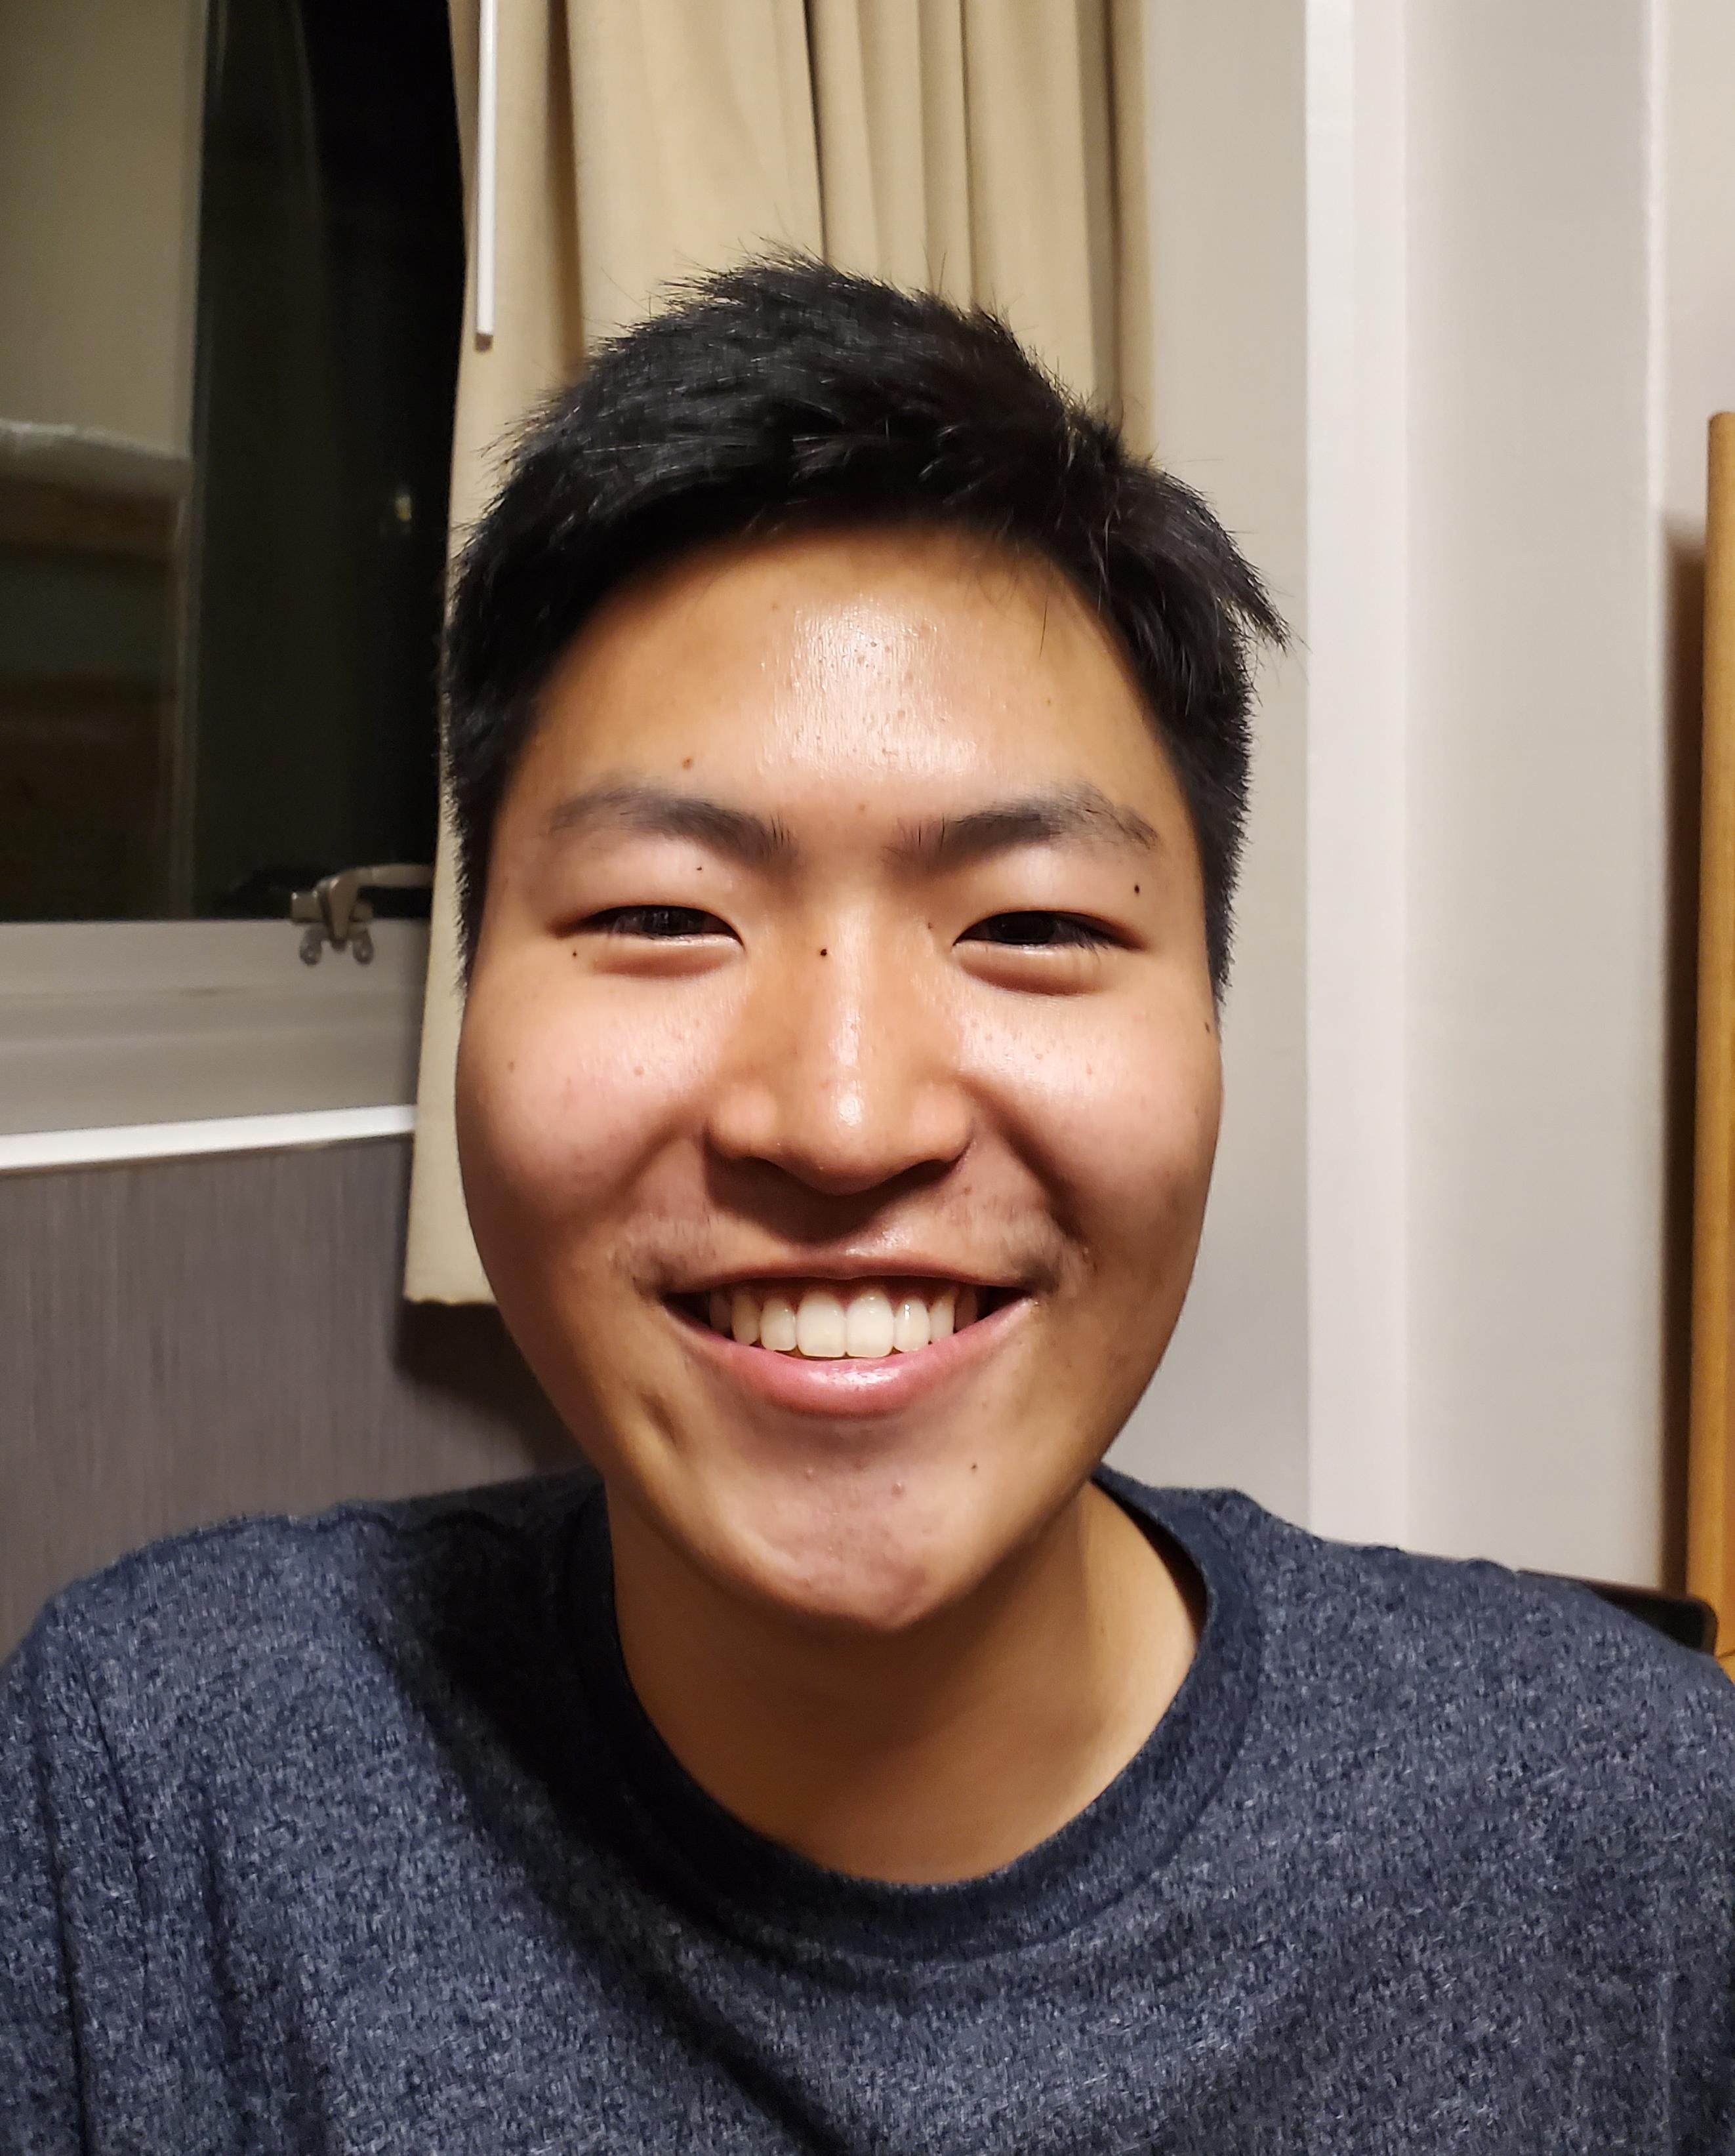 Josiah Chang